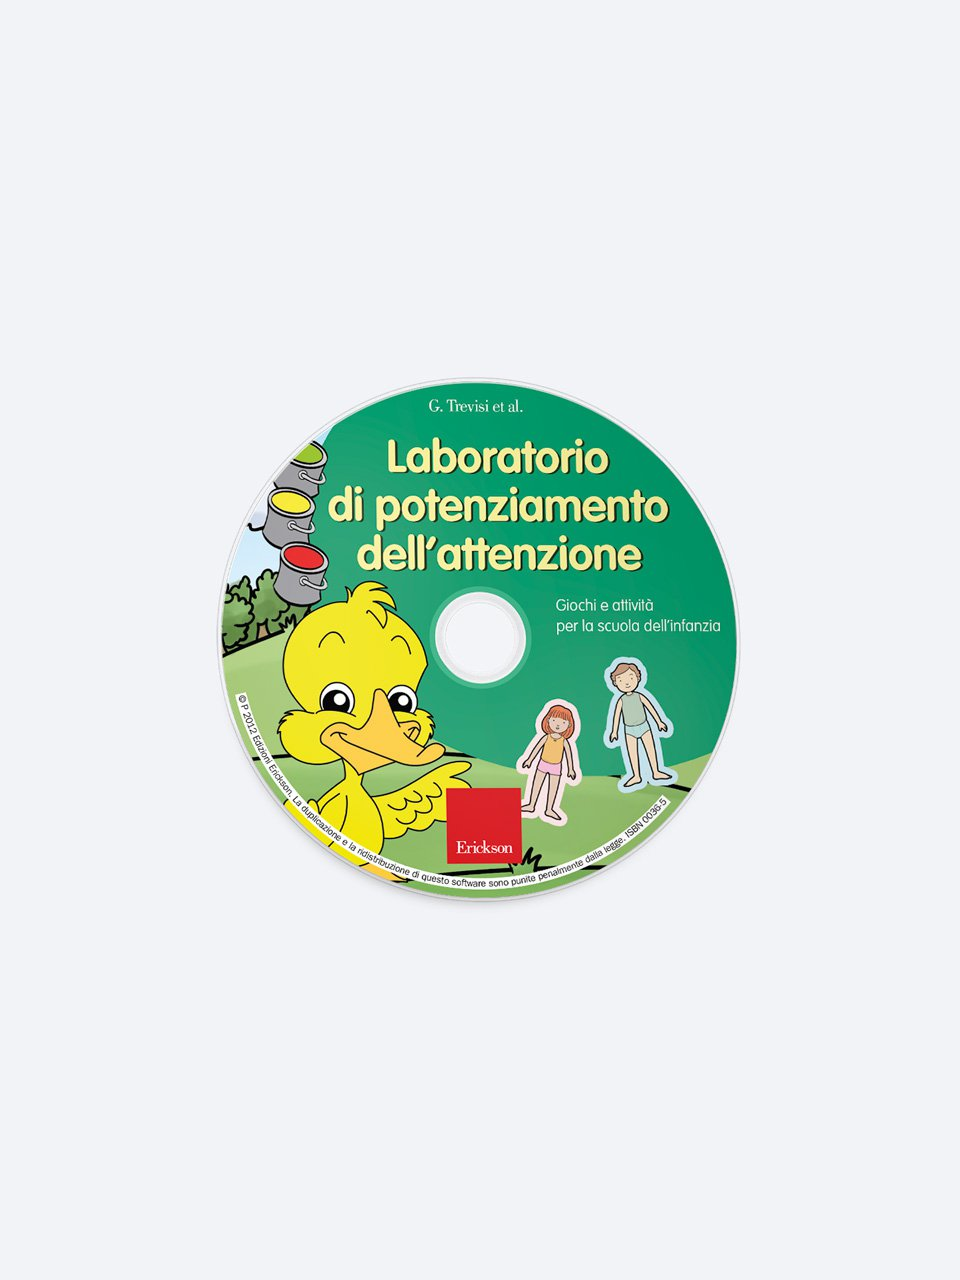 Laboratorio di potenziamento dell'attenzione - Conosco il mondo con la LIS - Libri - Erickson 2